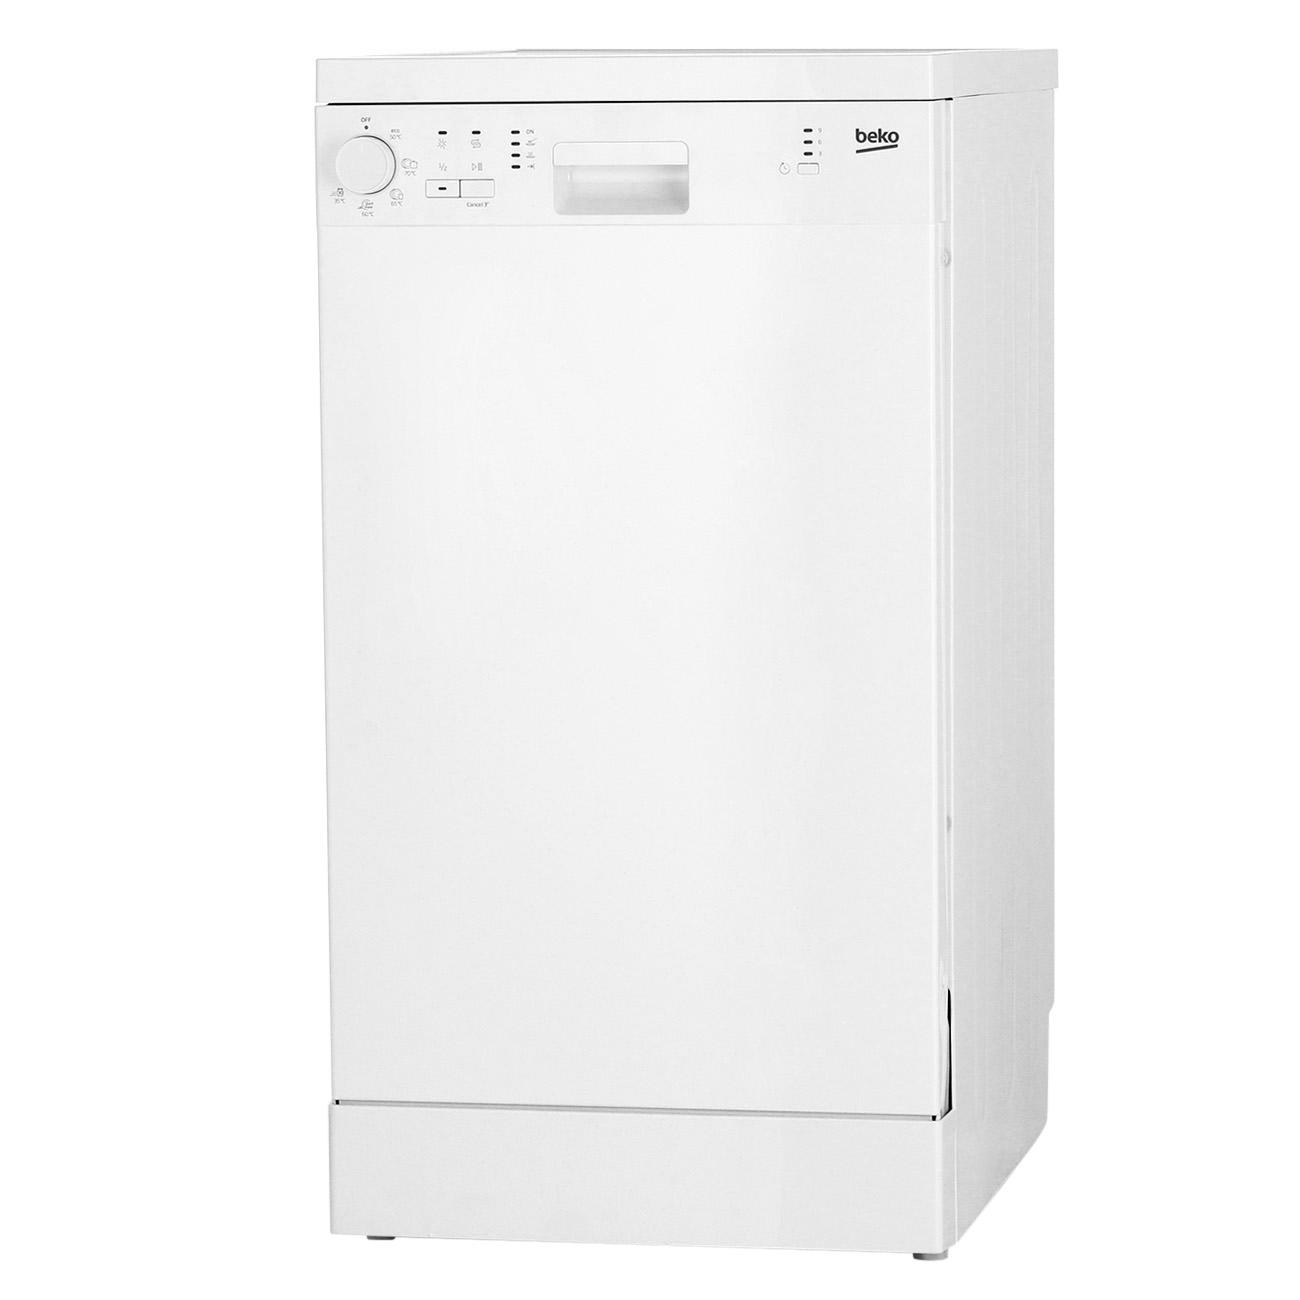 Дизайн посудомоечной машины Беко DFS 05010 W